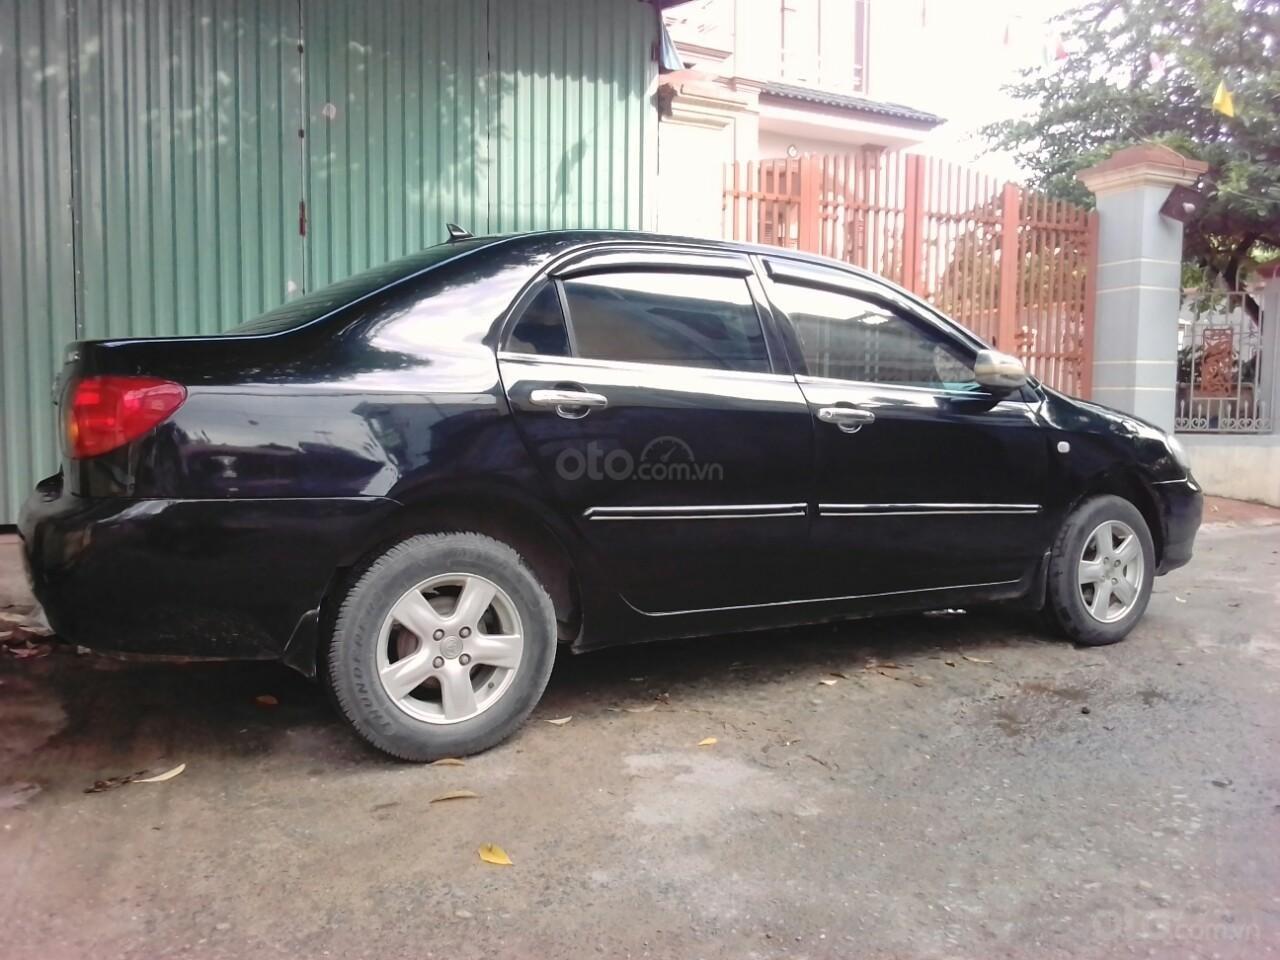 Đổi xe muốn bán dòng Toyota, bền bỉ, lành xe, xe tư nhân giá 168tr (3)